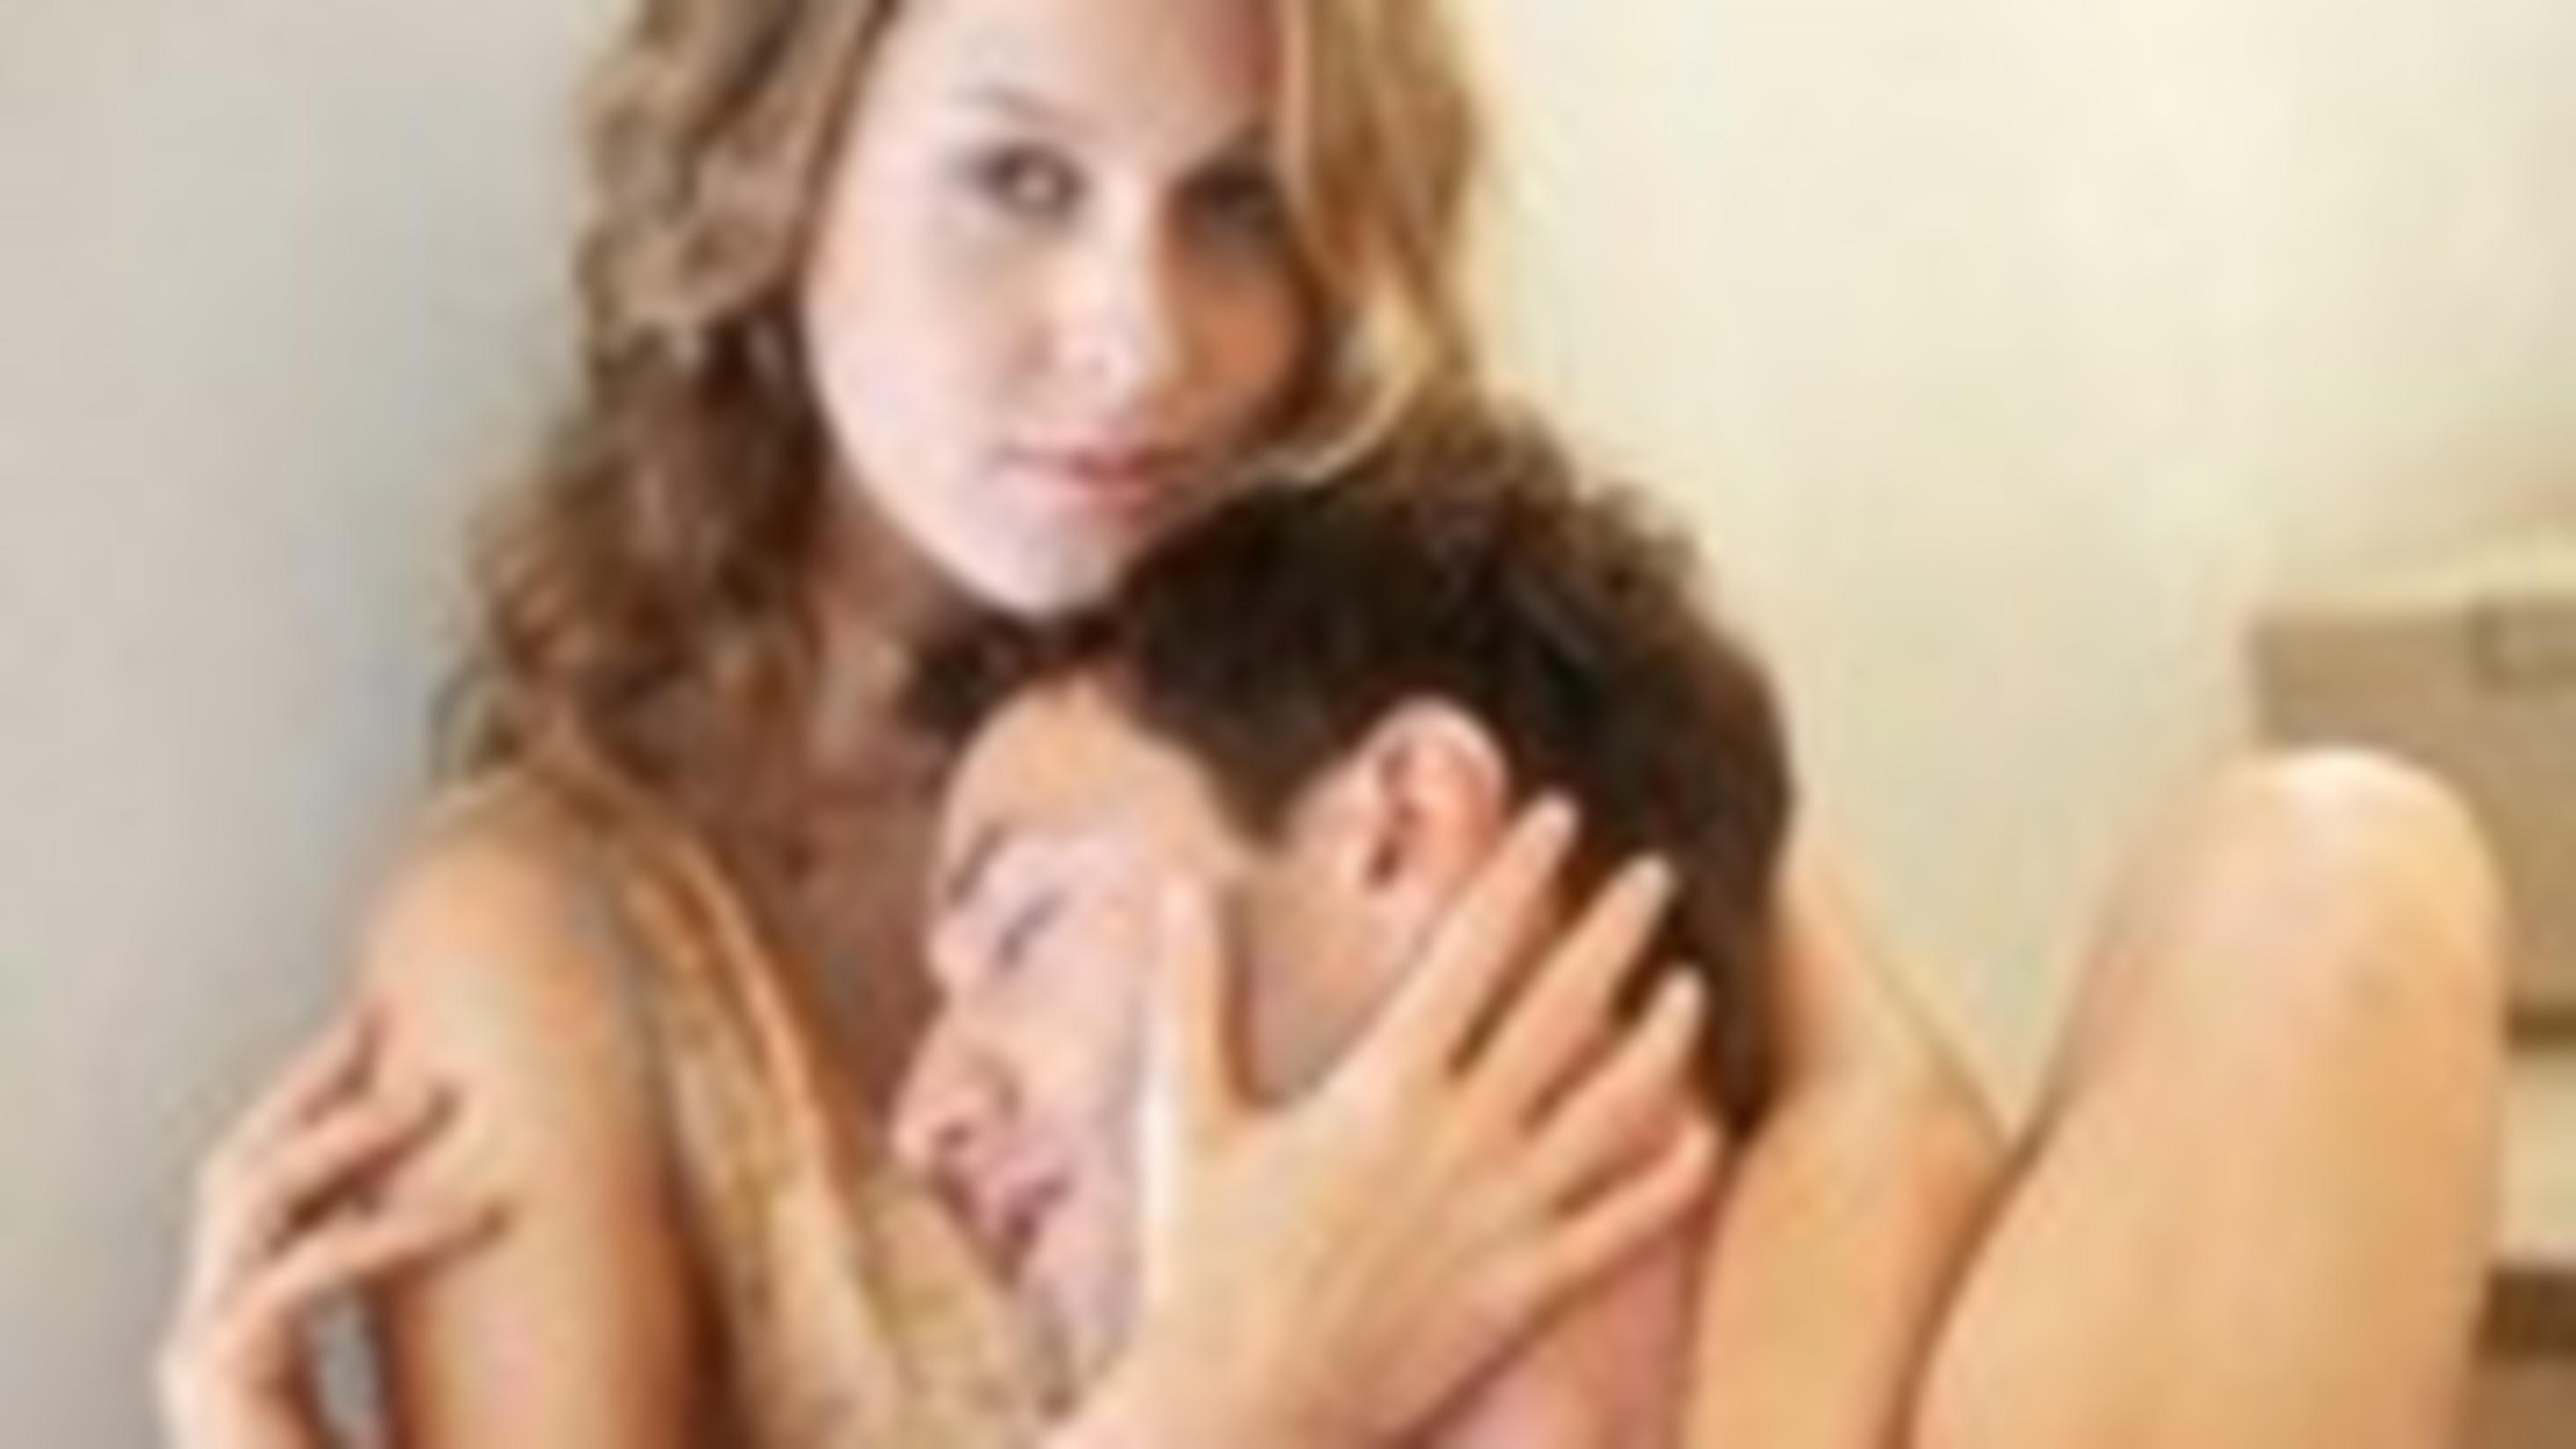 masaż kamasutra seks zdjęcia nastolatka